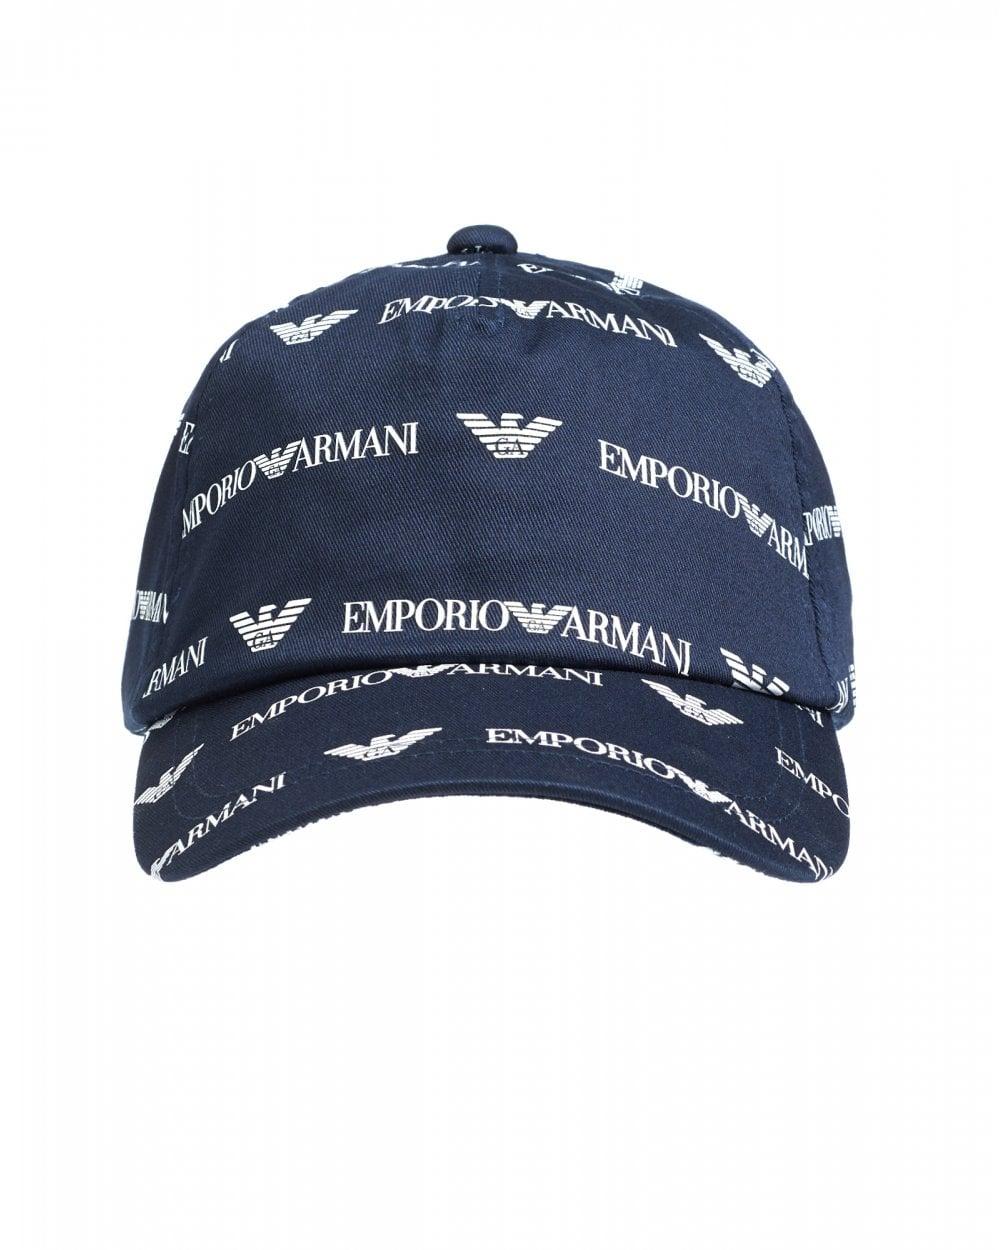 62e0e476a1a Emporio Armani Mens Baseball Cap